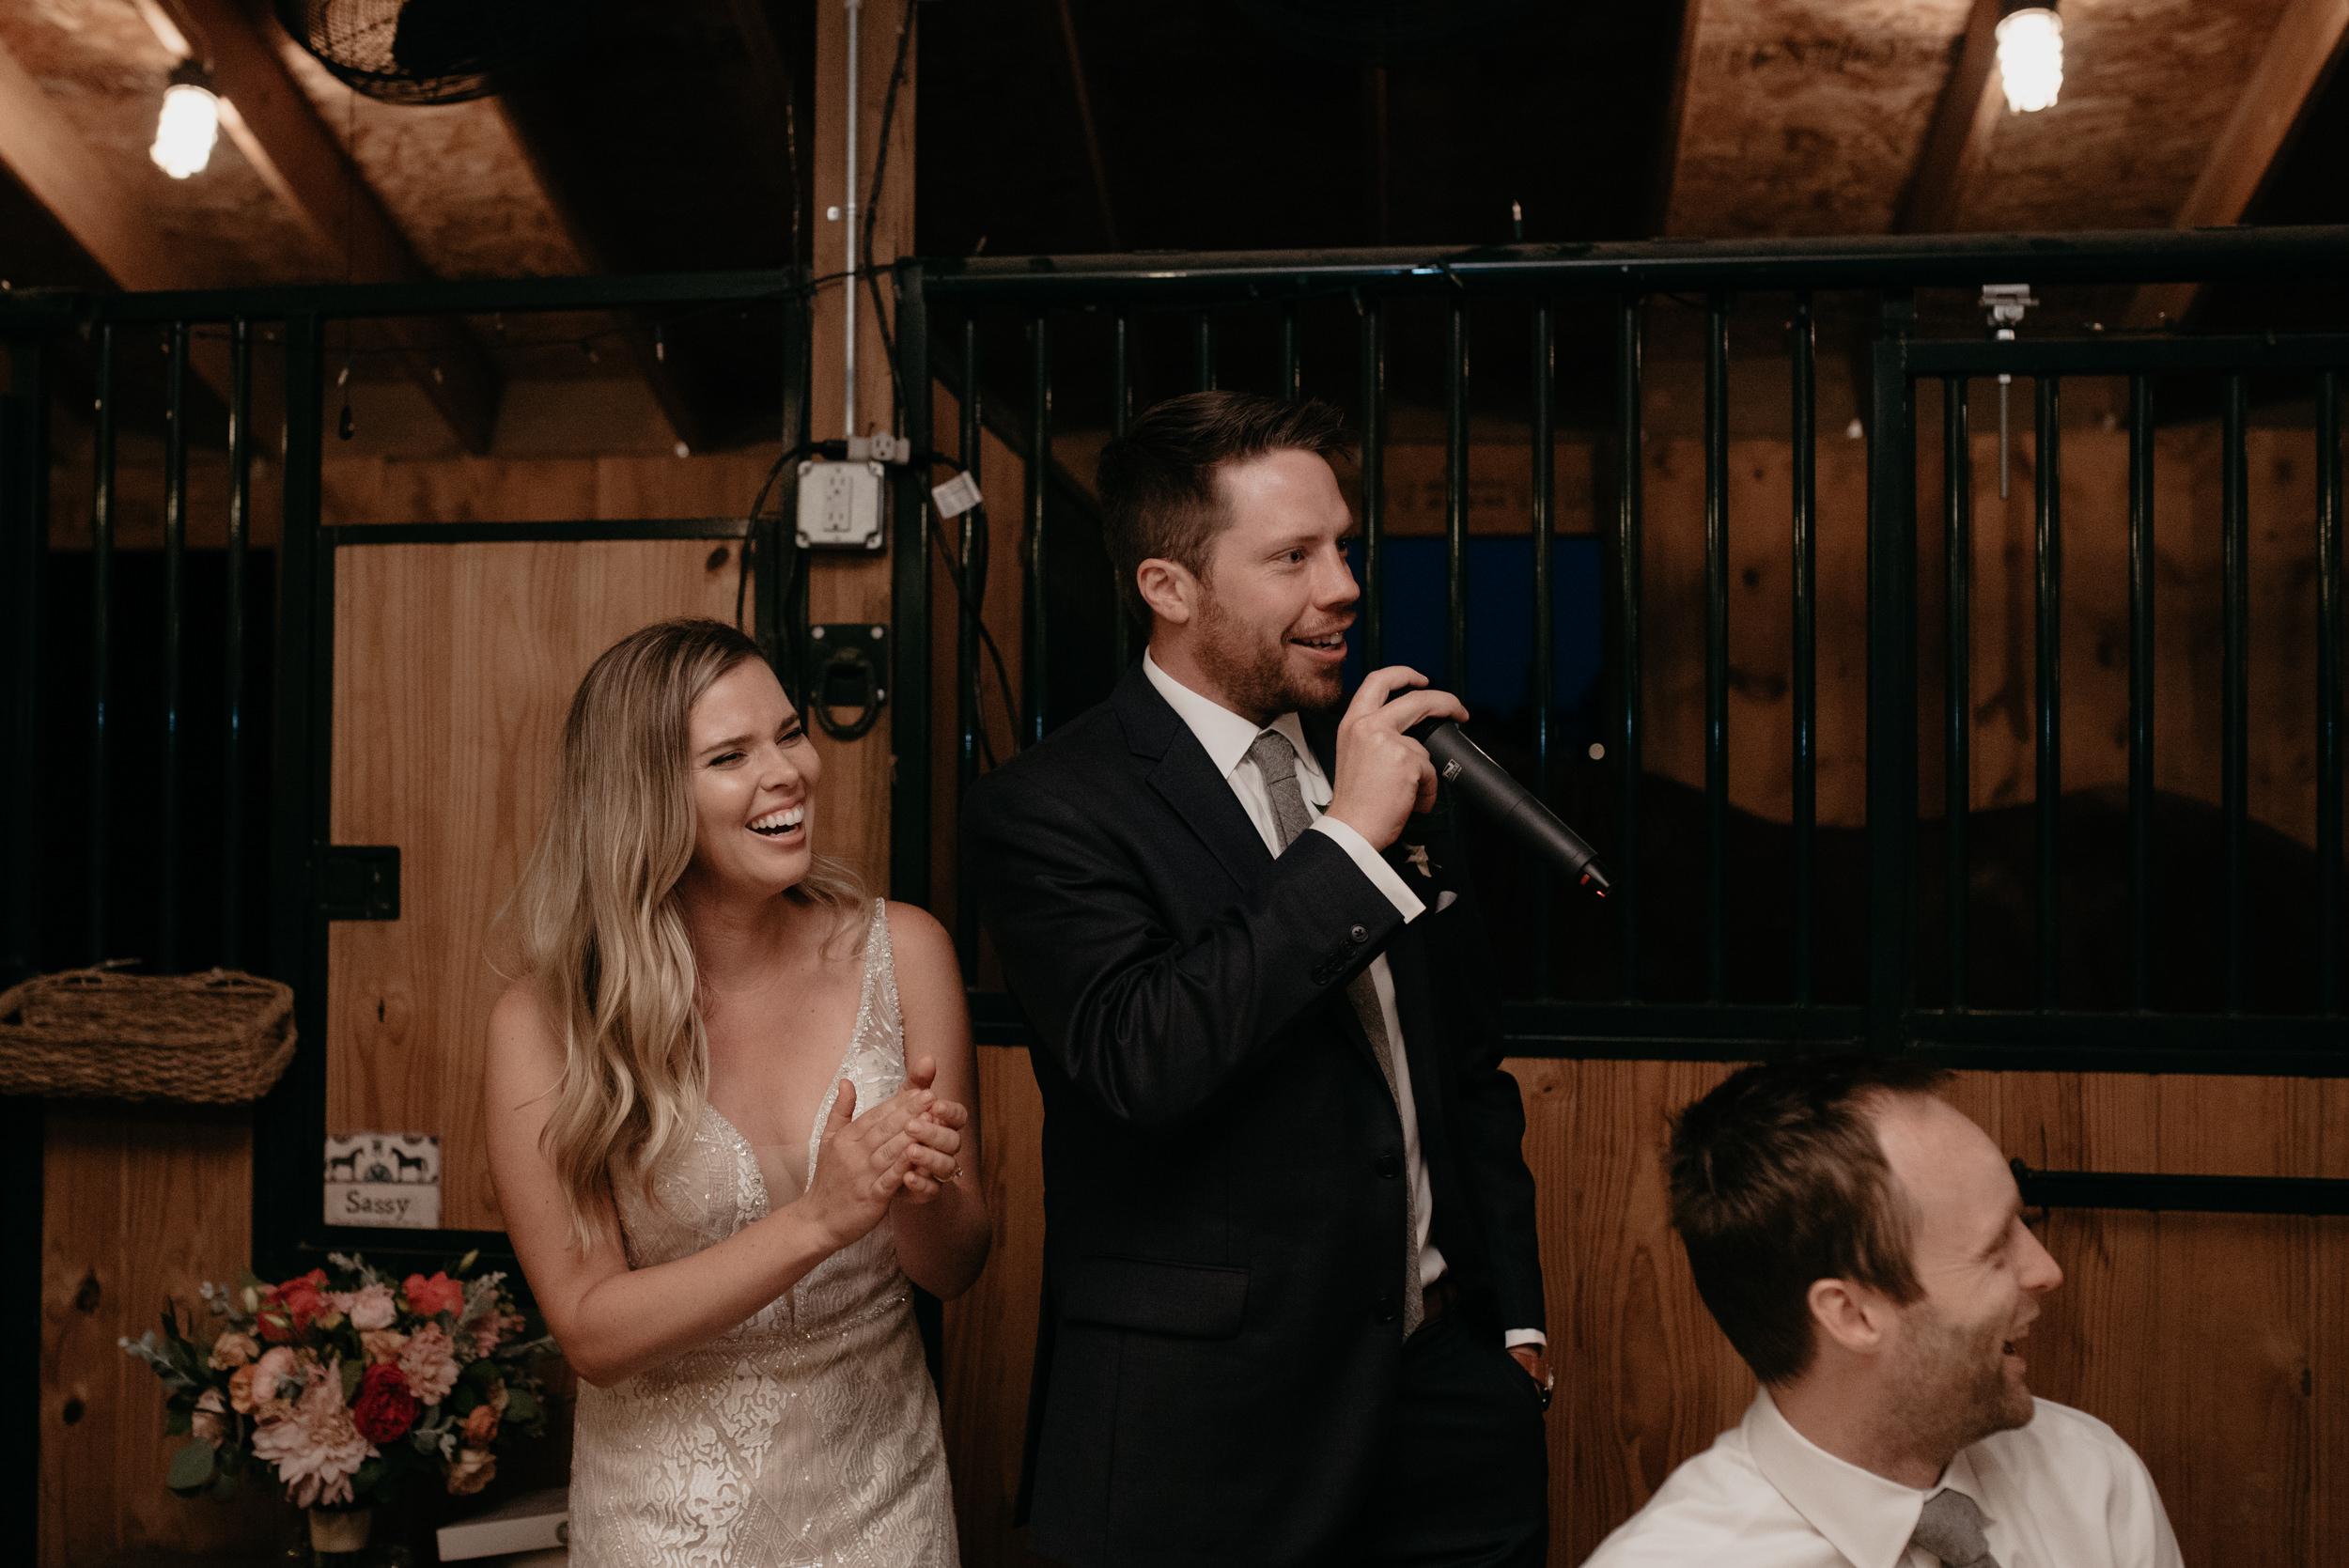 Aspen, Colorado wedding photographer. Colorado mountain wedding and elopement photography.